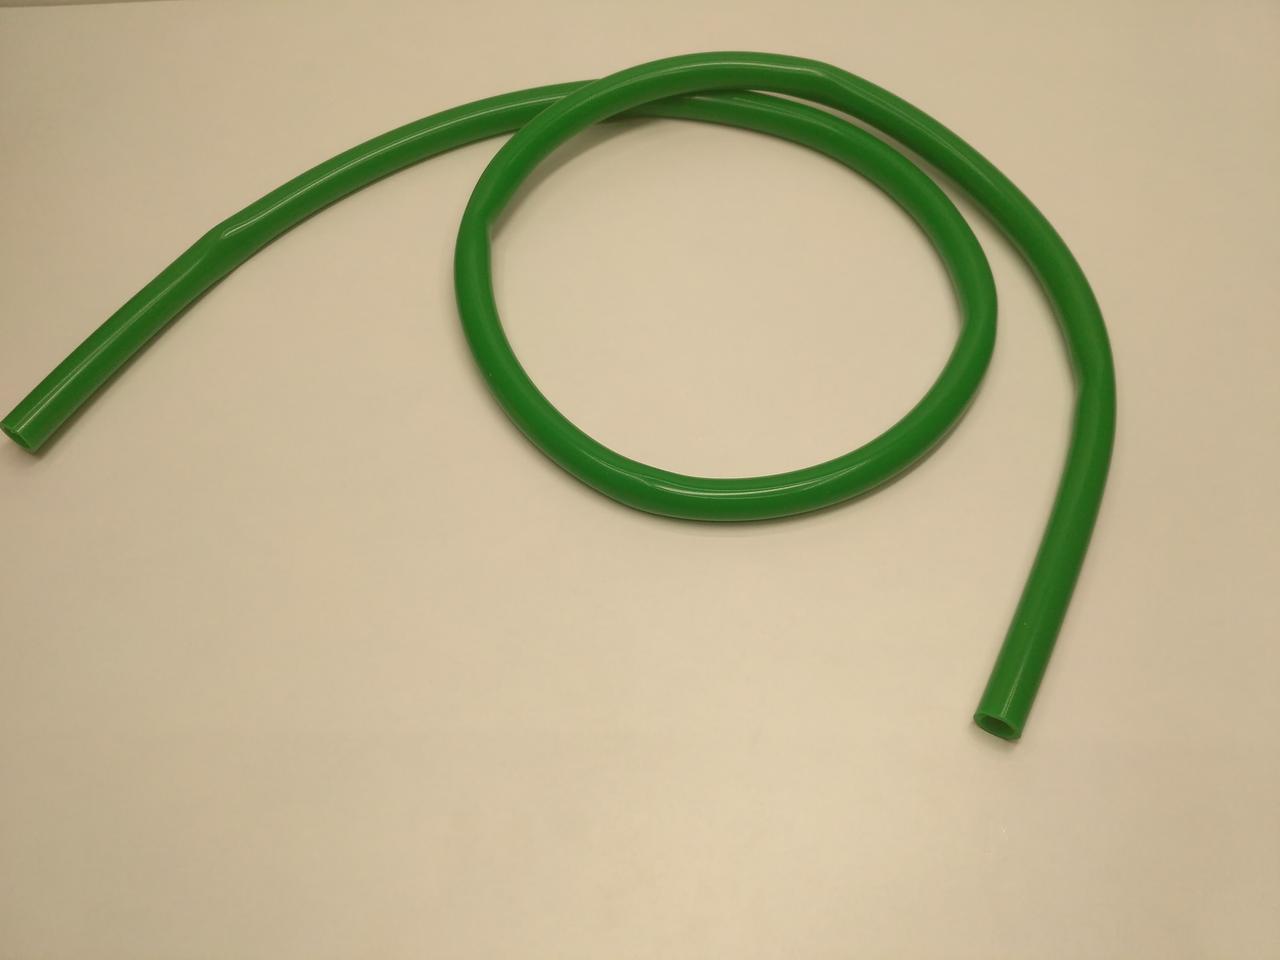 Шланг силиконовый без мундштука. Зеленый